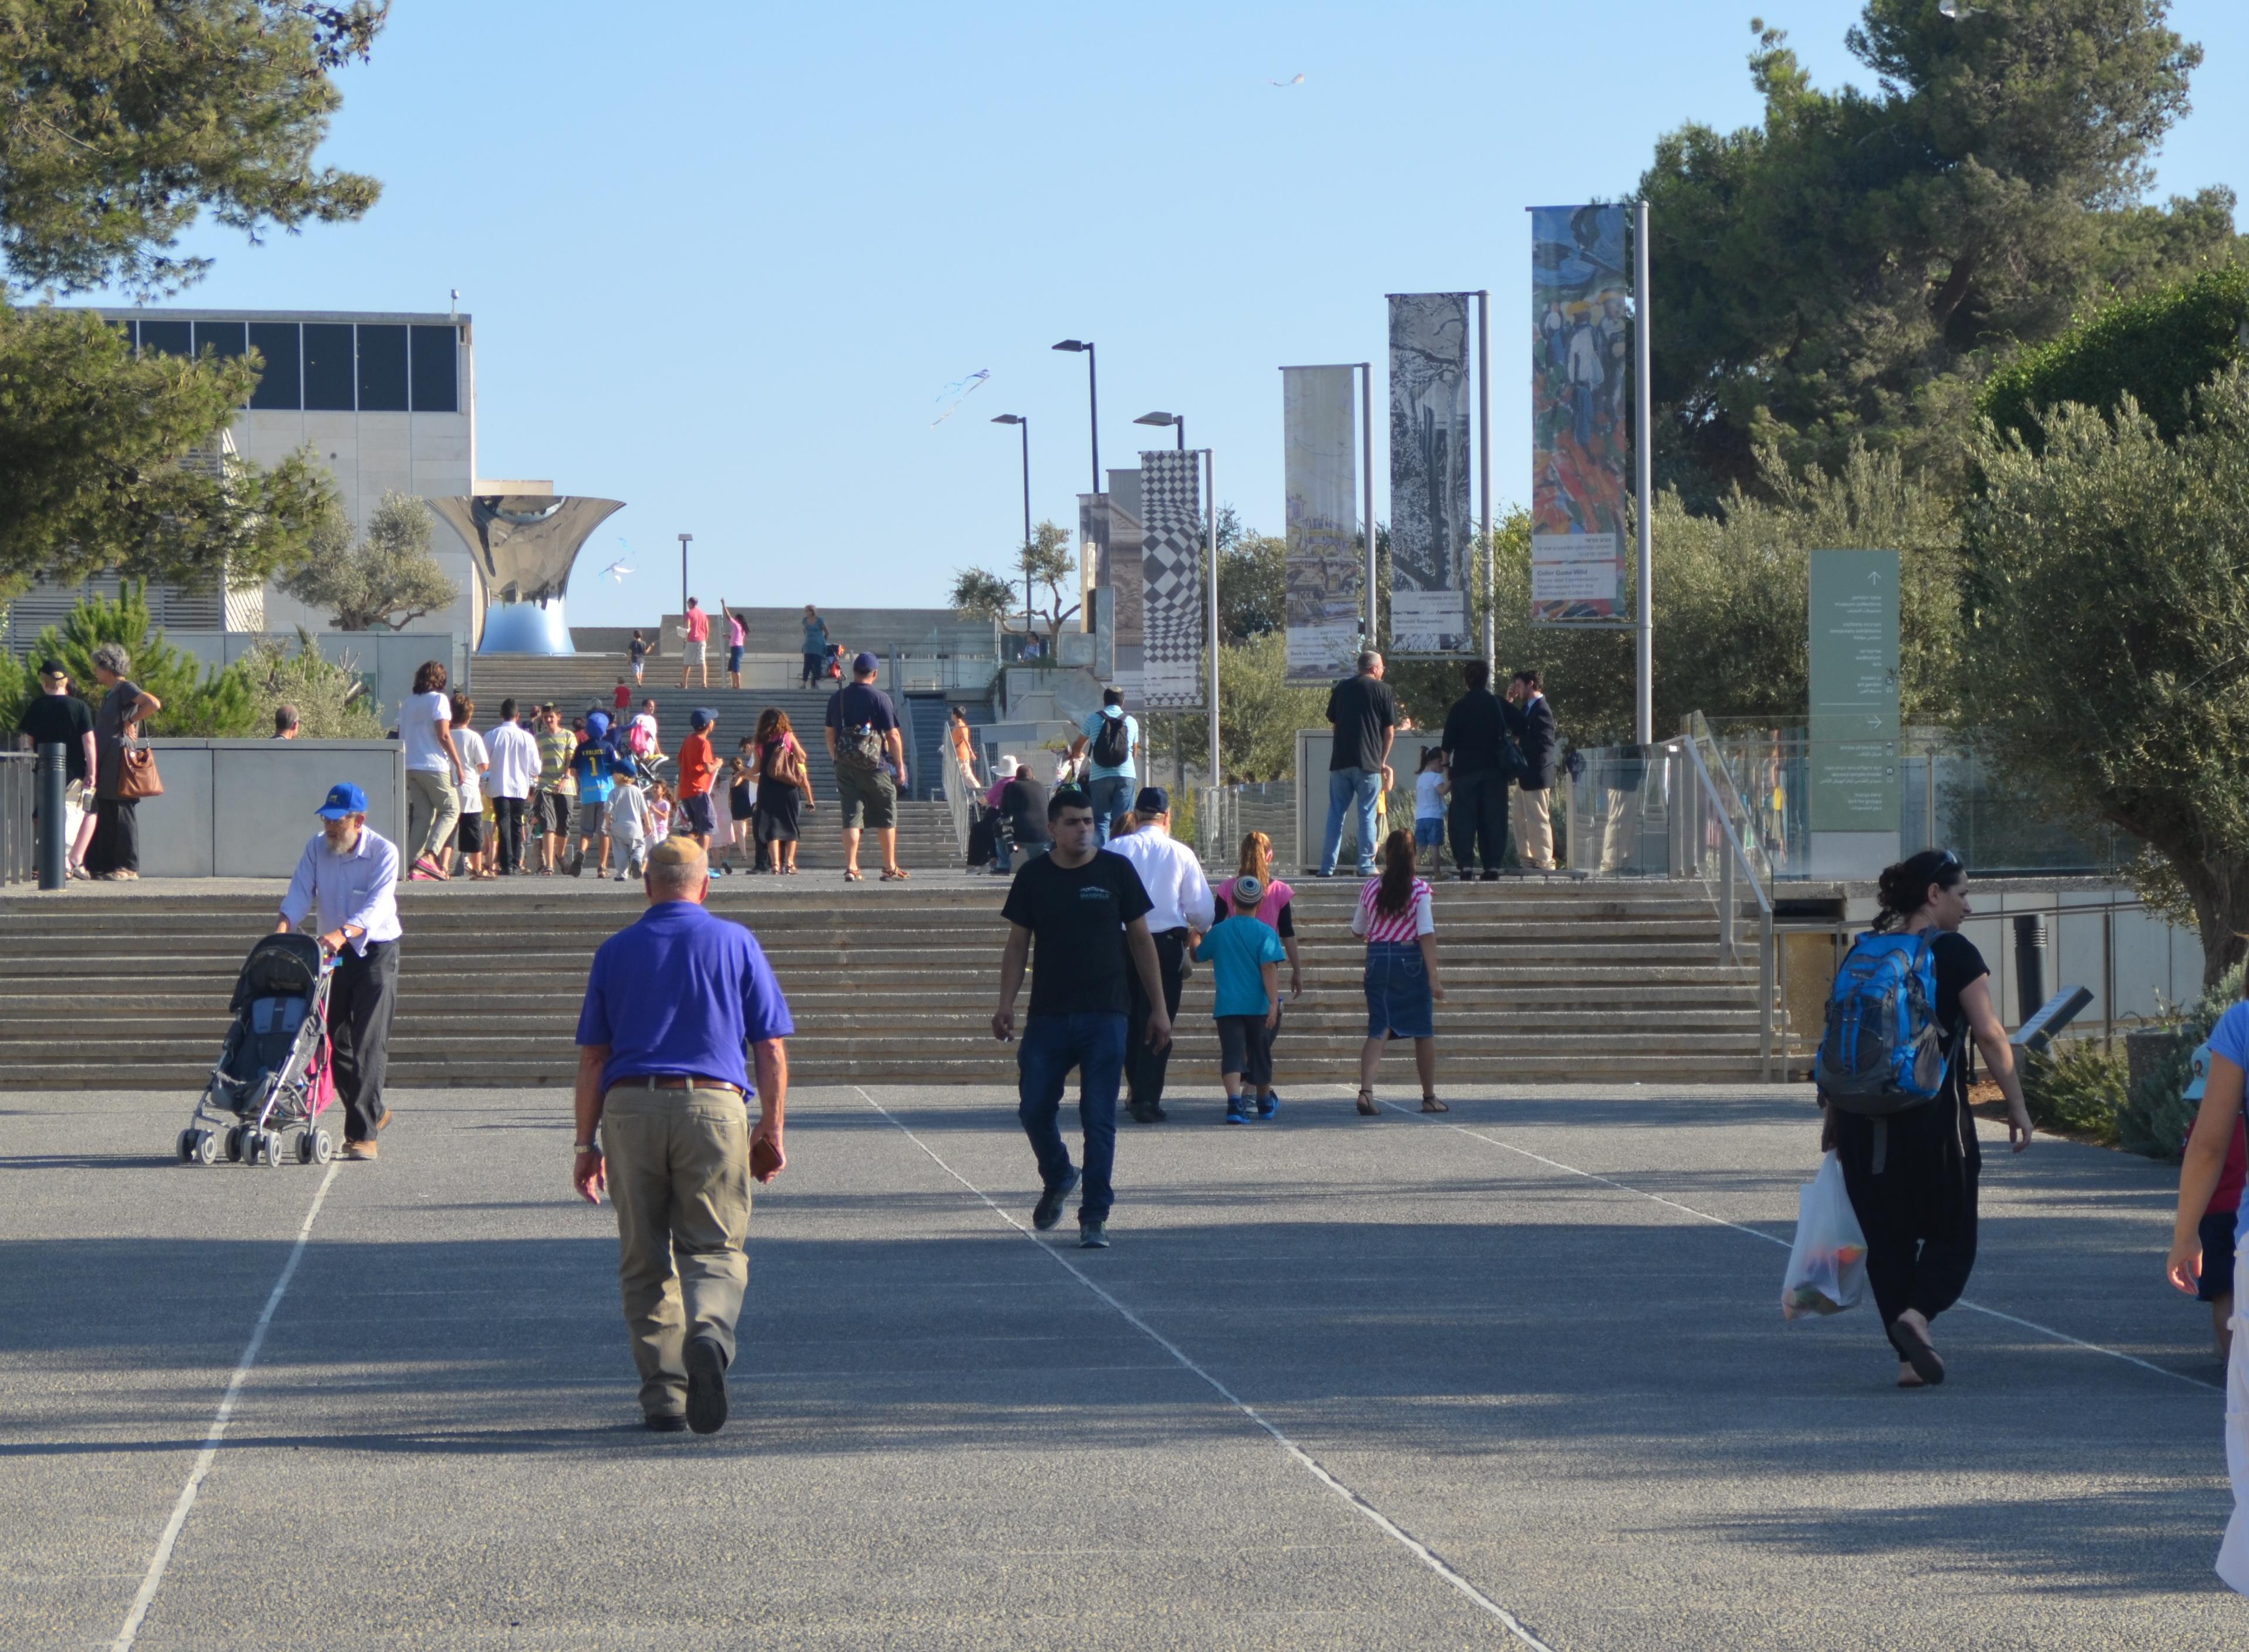 Israel Museum Kite Festival